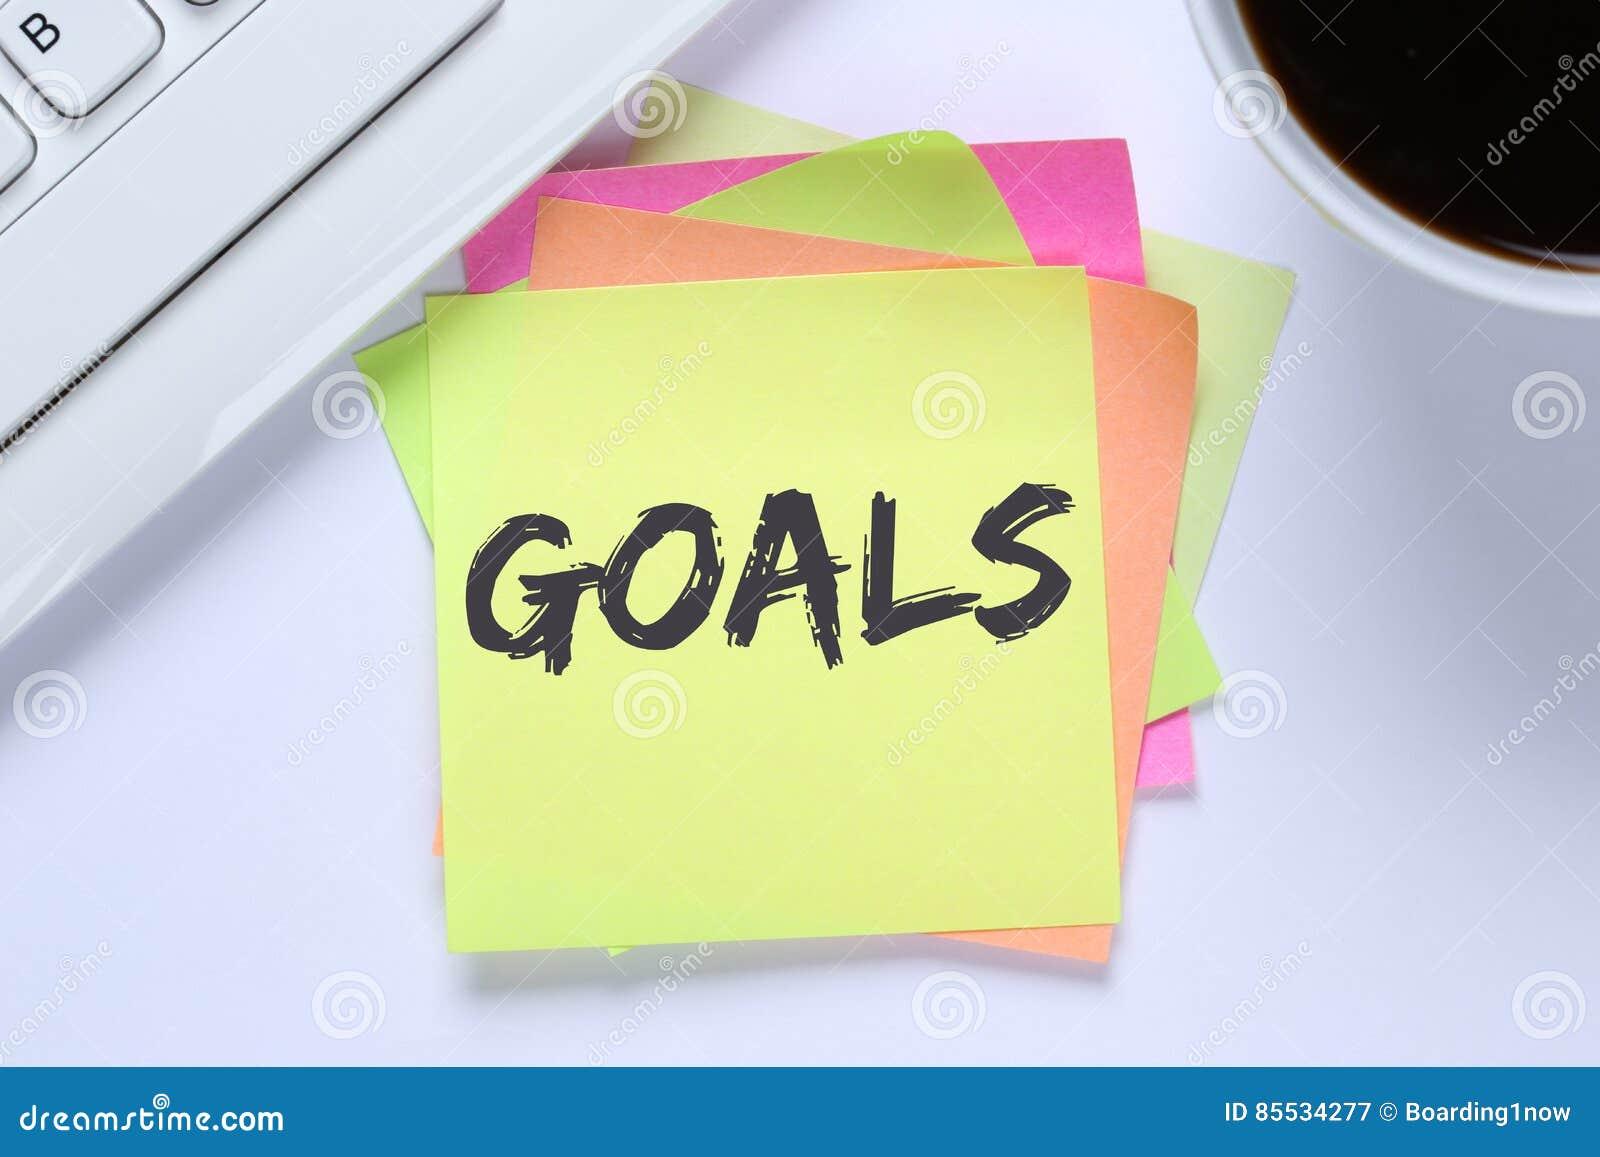 Στόχοι στόχου στο γραφείο φιλοδοξιών και αύξησης επιτυχίας